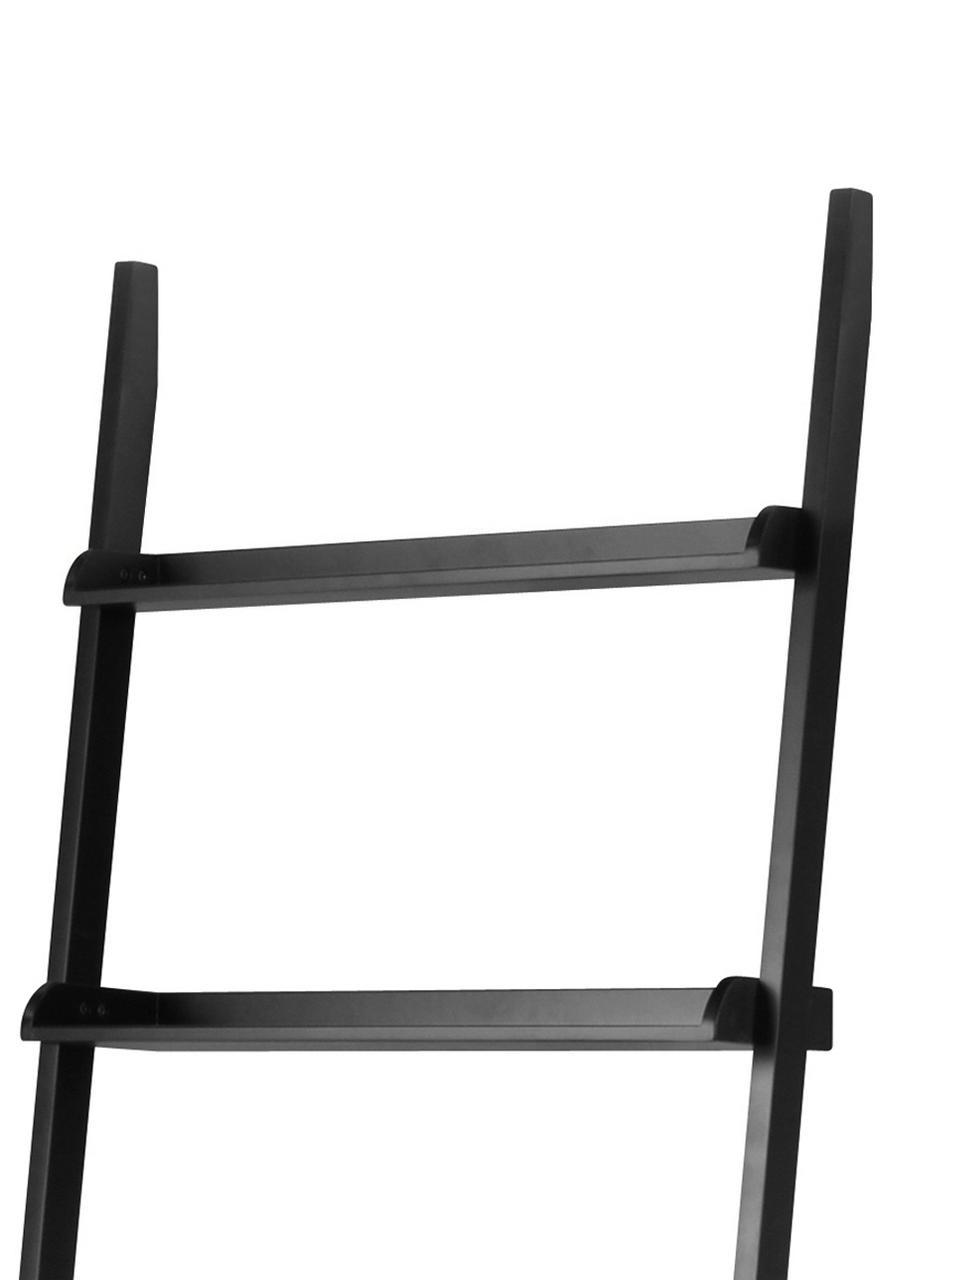 Leiter-Regal Wally in Schwarz, Mitteldichte Holzfaserplatte (MDF), Schwarz, 67 x 189 cm